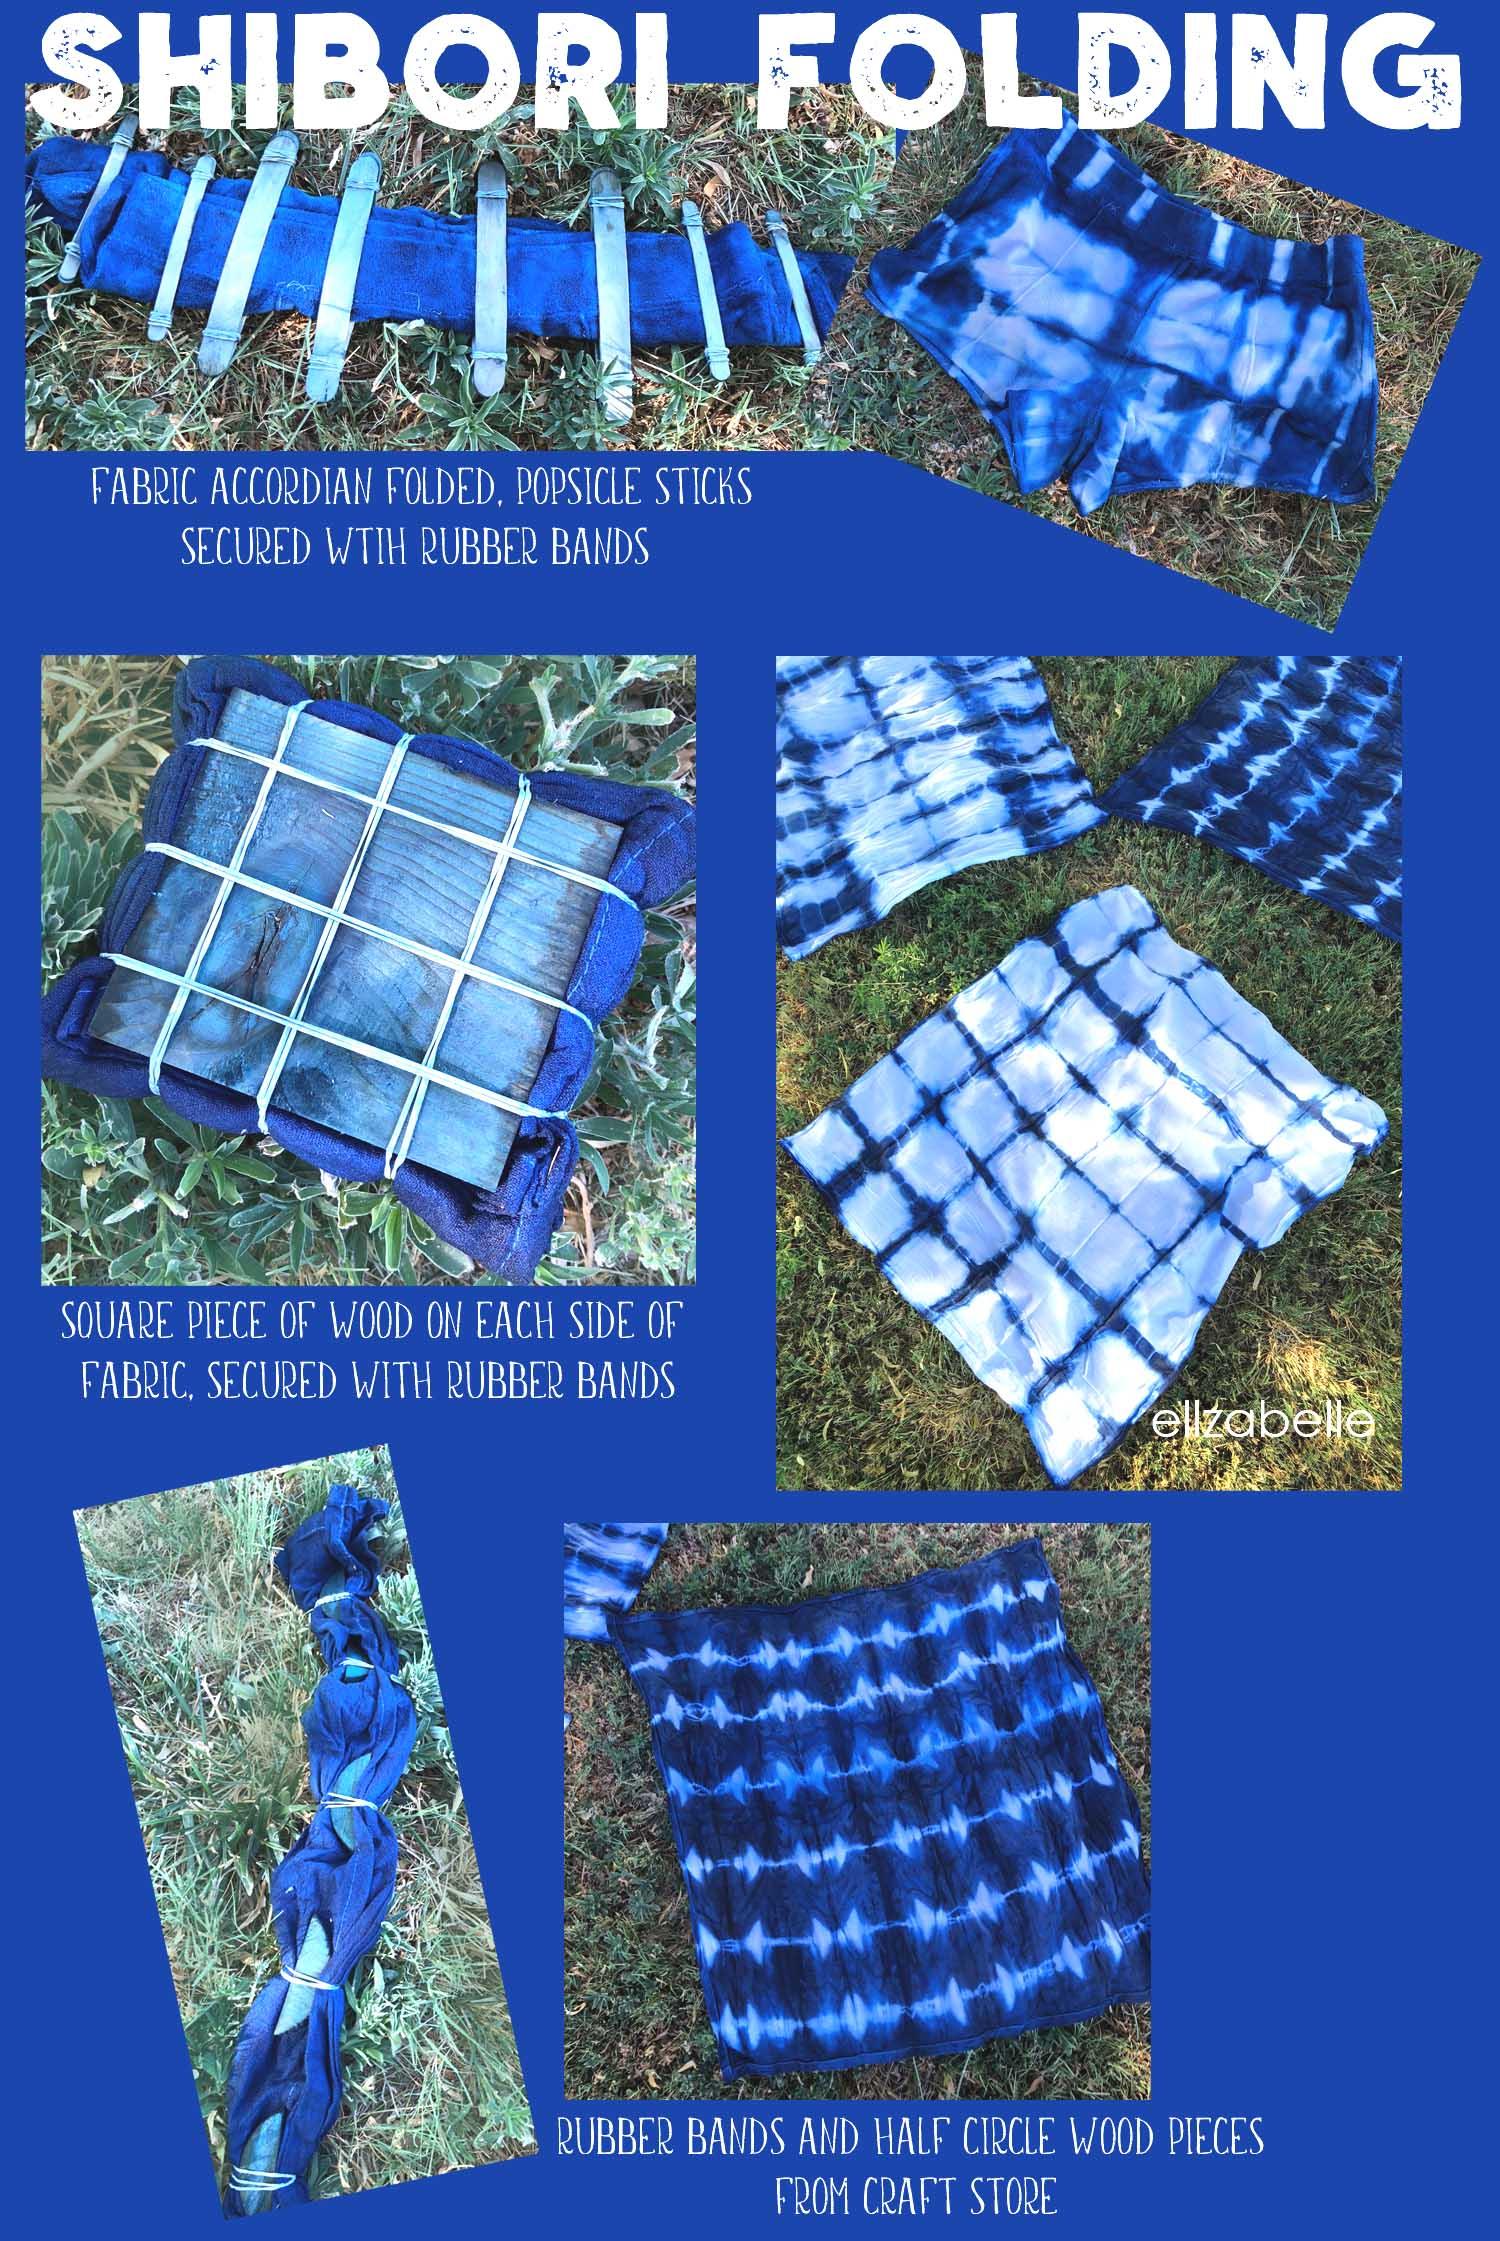 shibori folding1.jpg